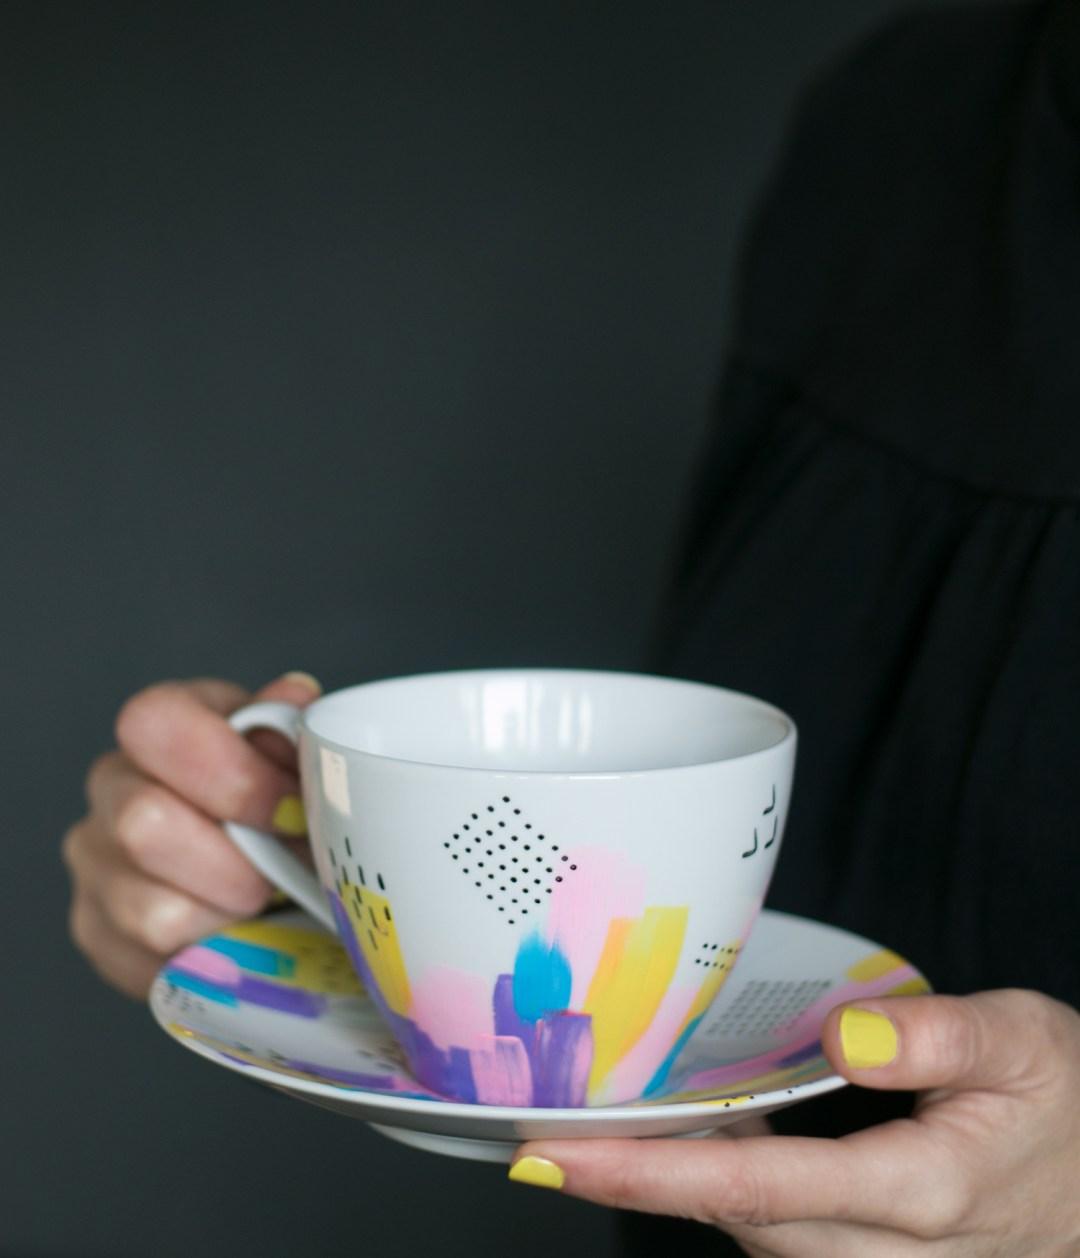 DIY decora tus tazas y aprende a pintar ceramica